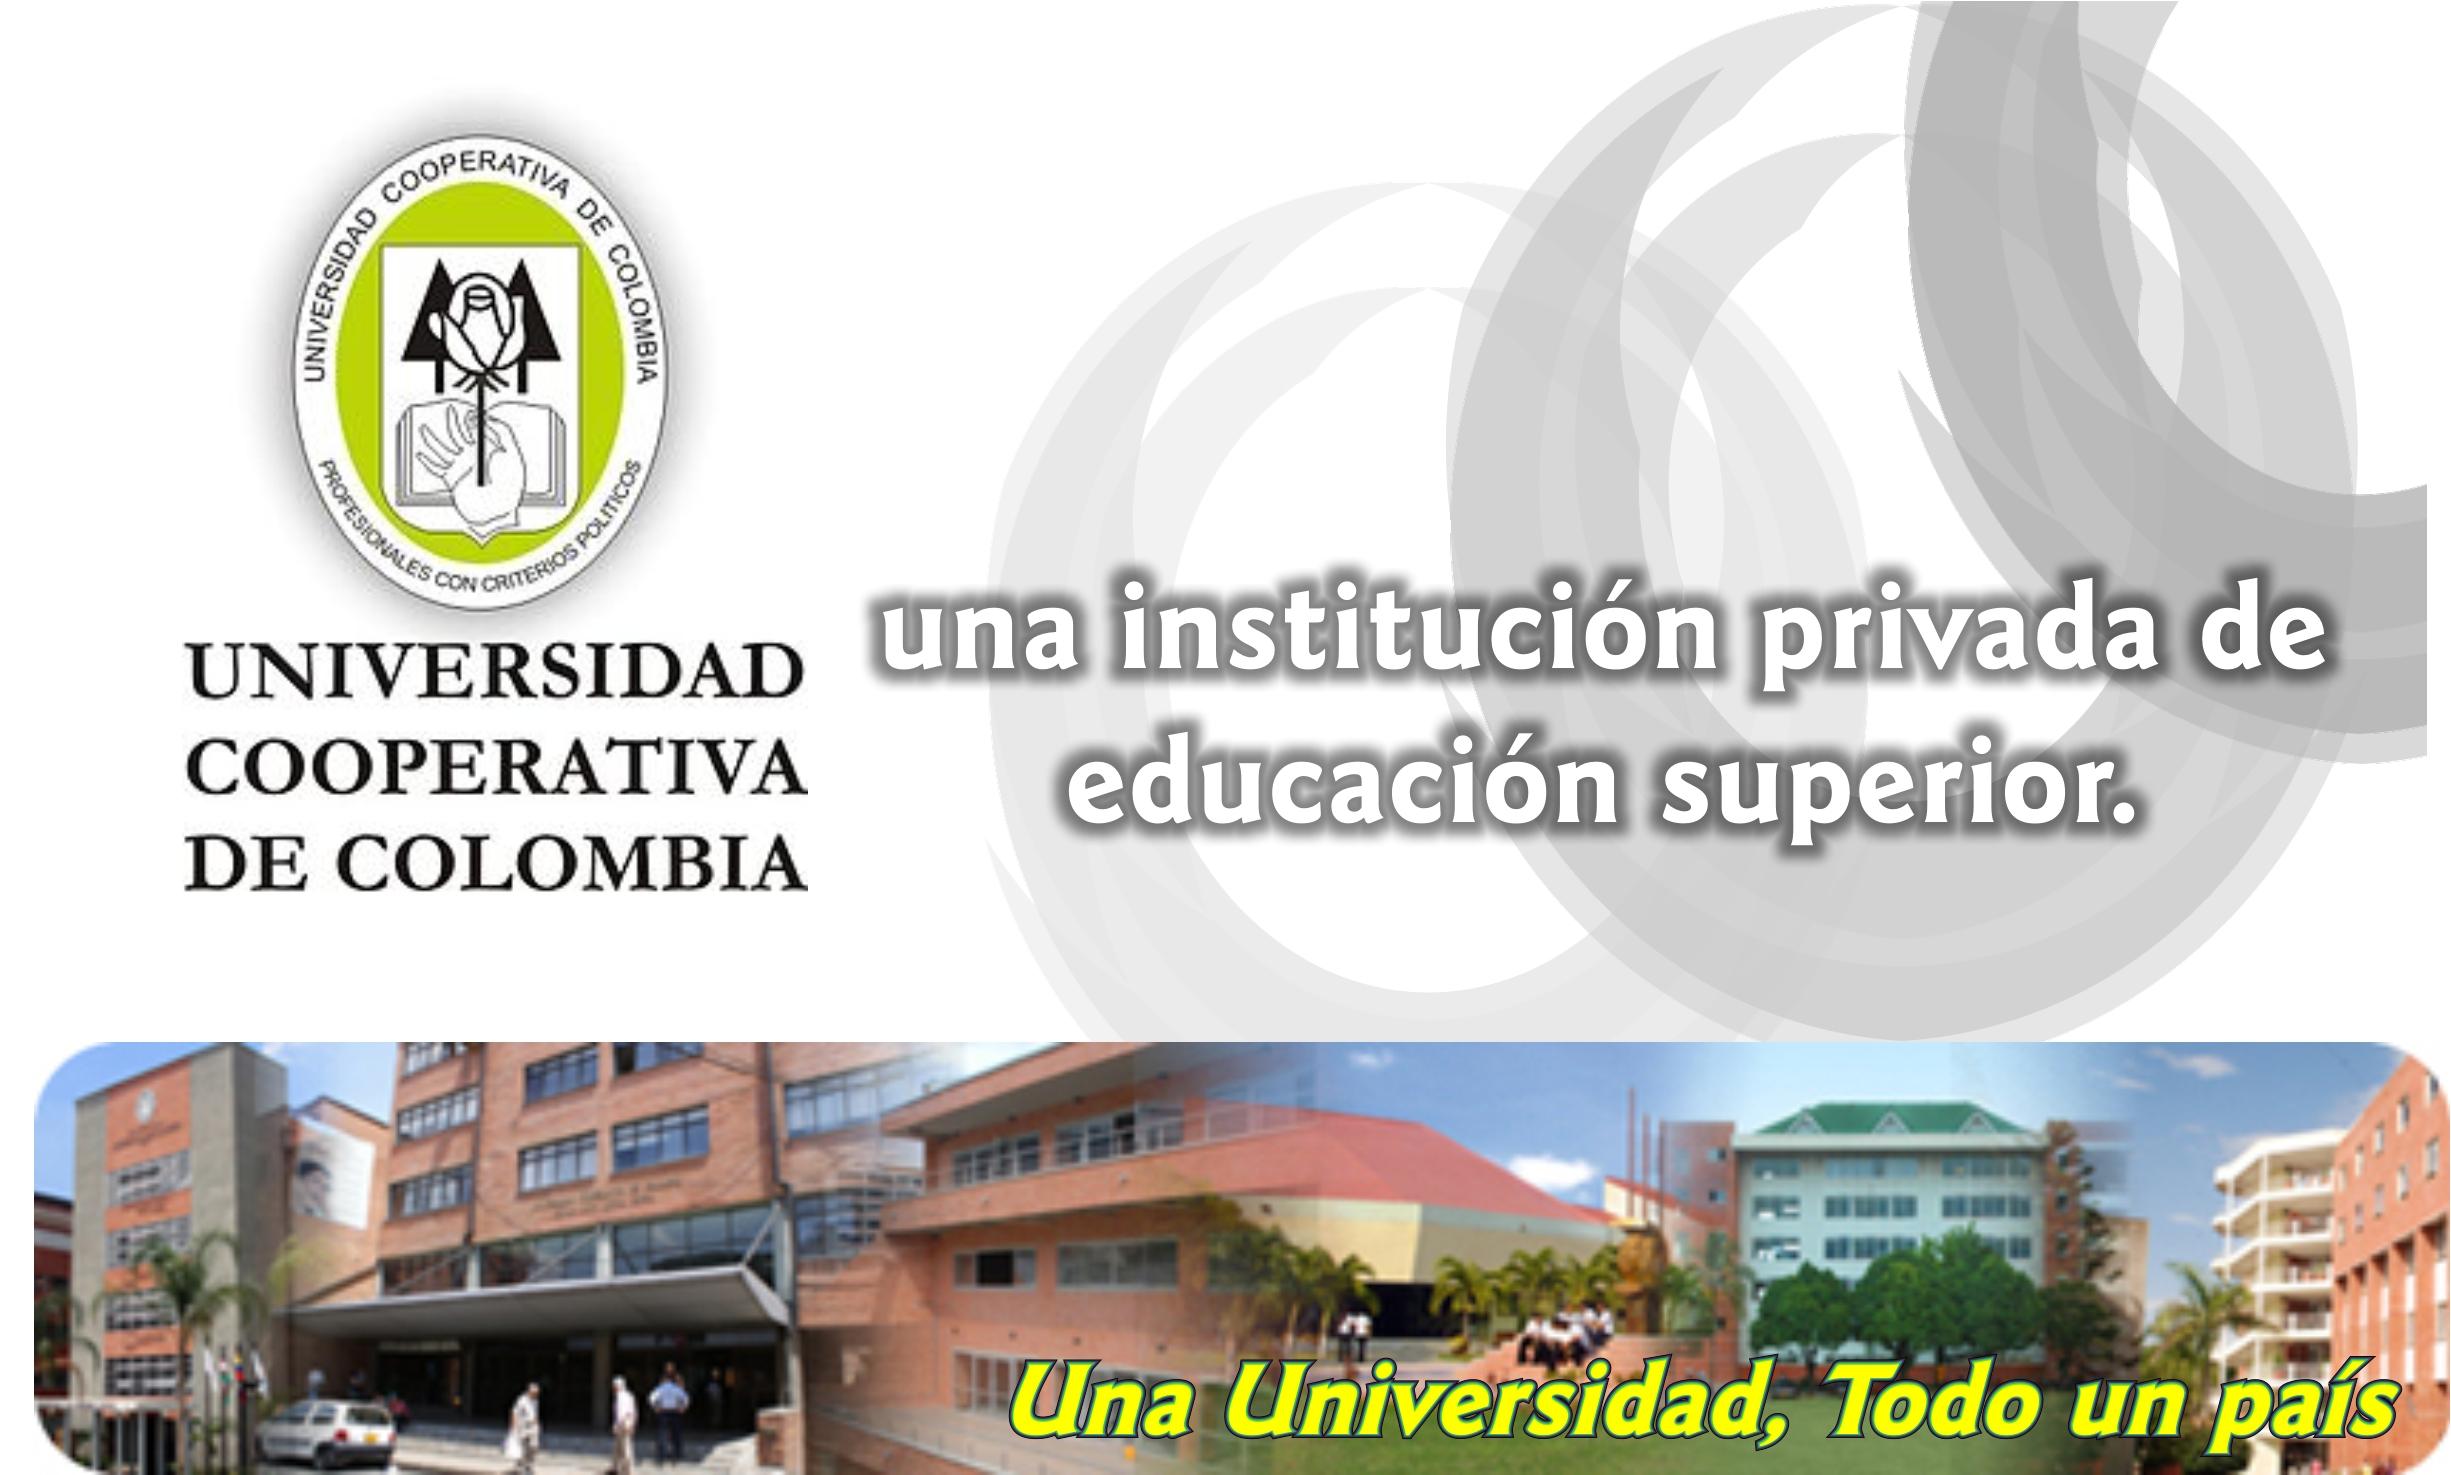 Universidad Cooperativa de Colombia, Una Universidad, Todo un pais